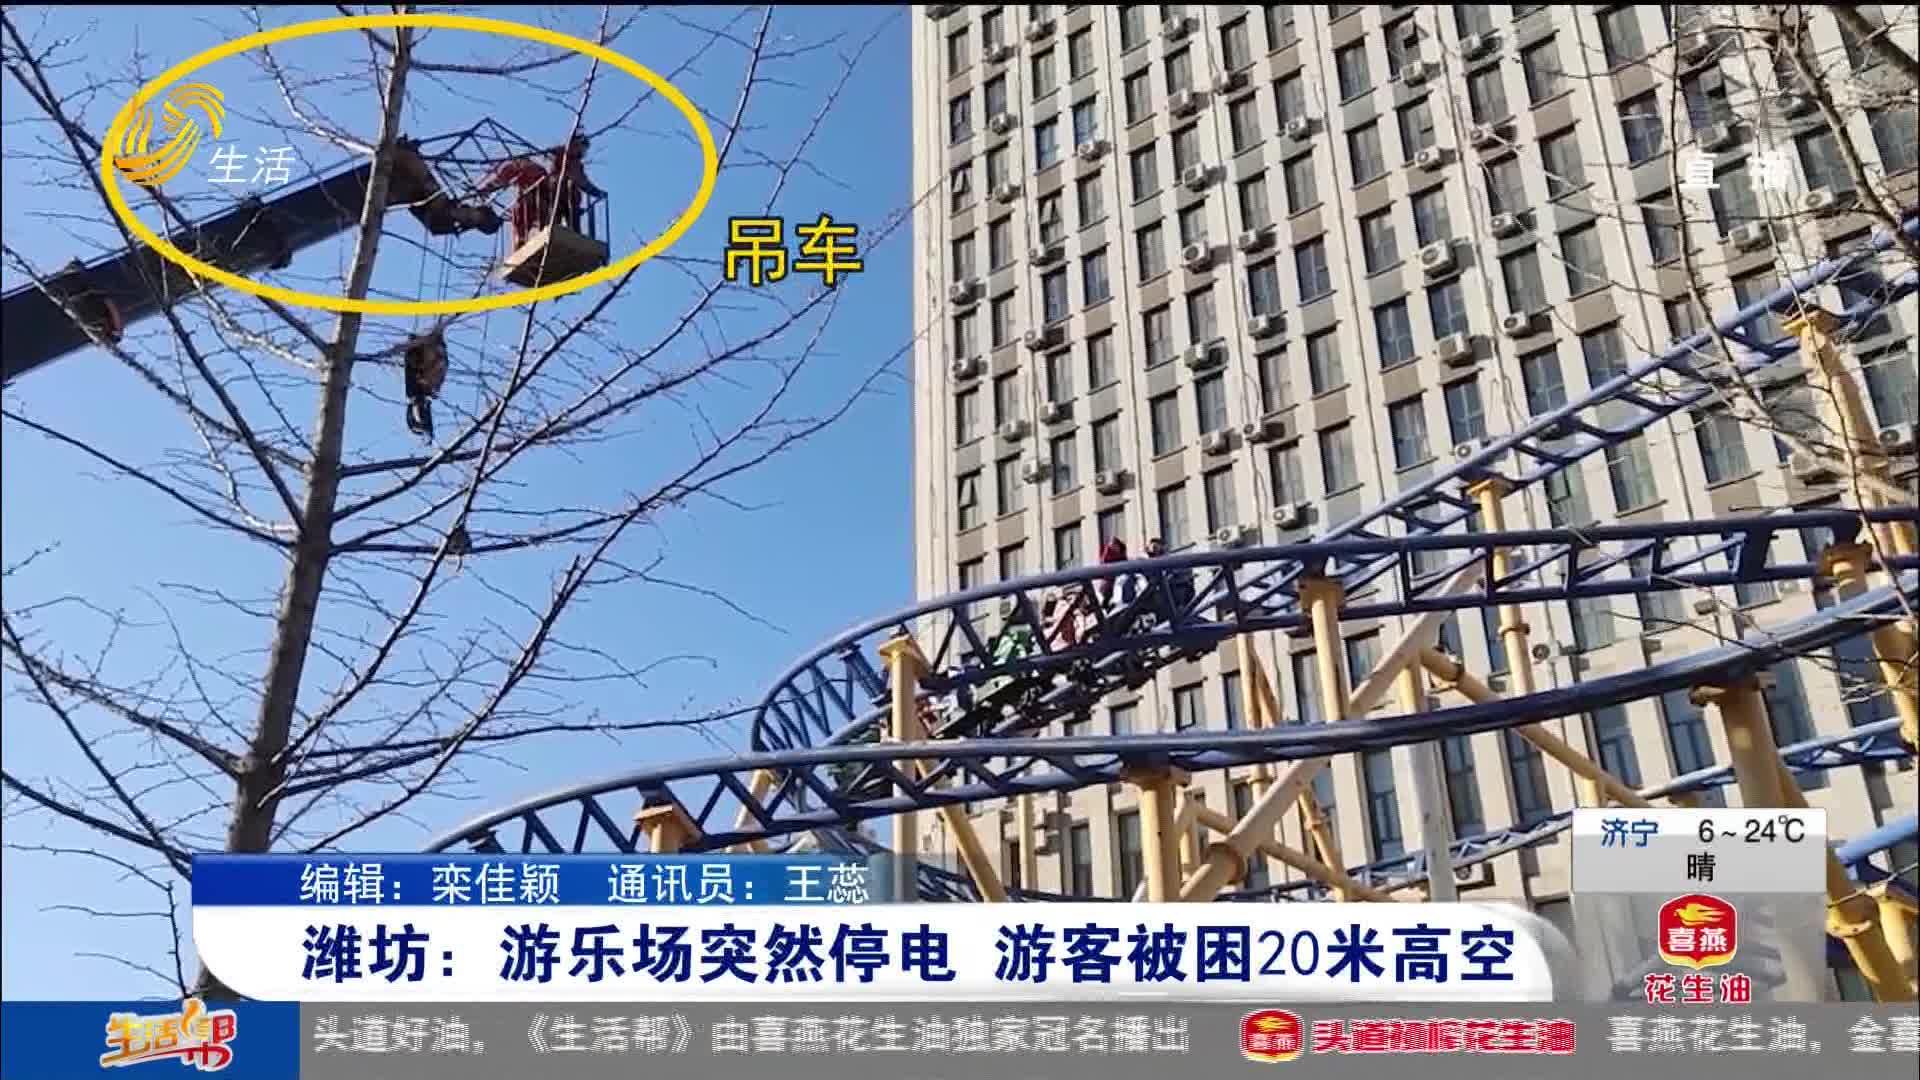 潍坊:游乐场突然停电 游客被困20米高空